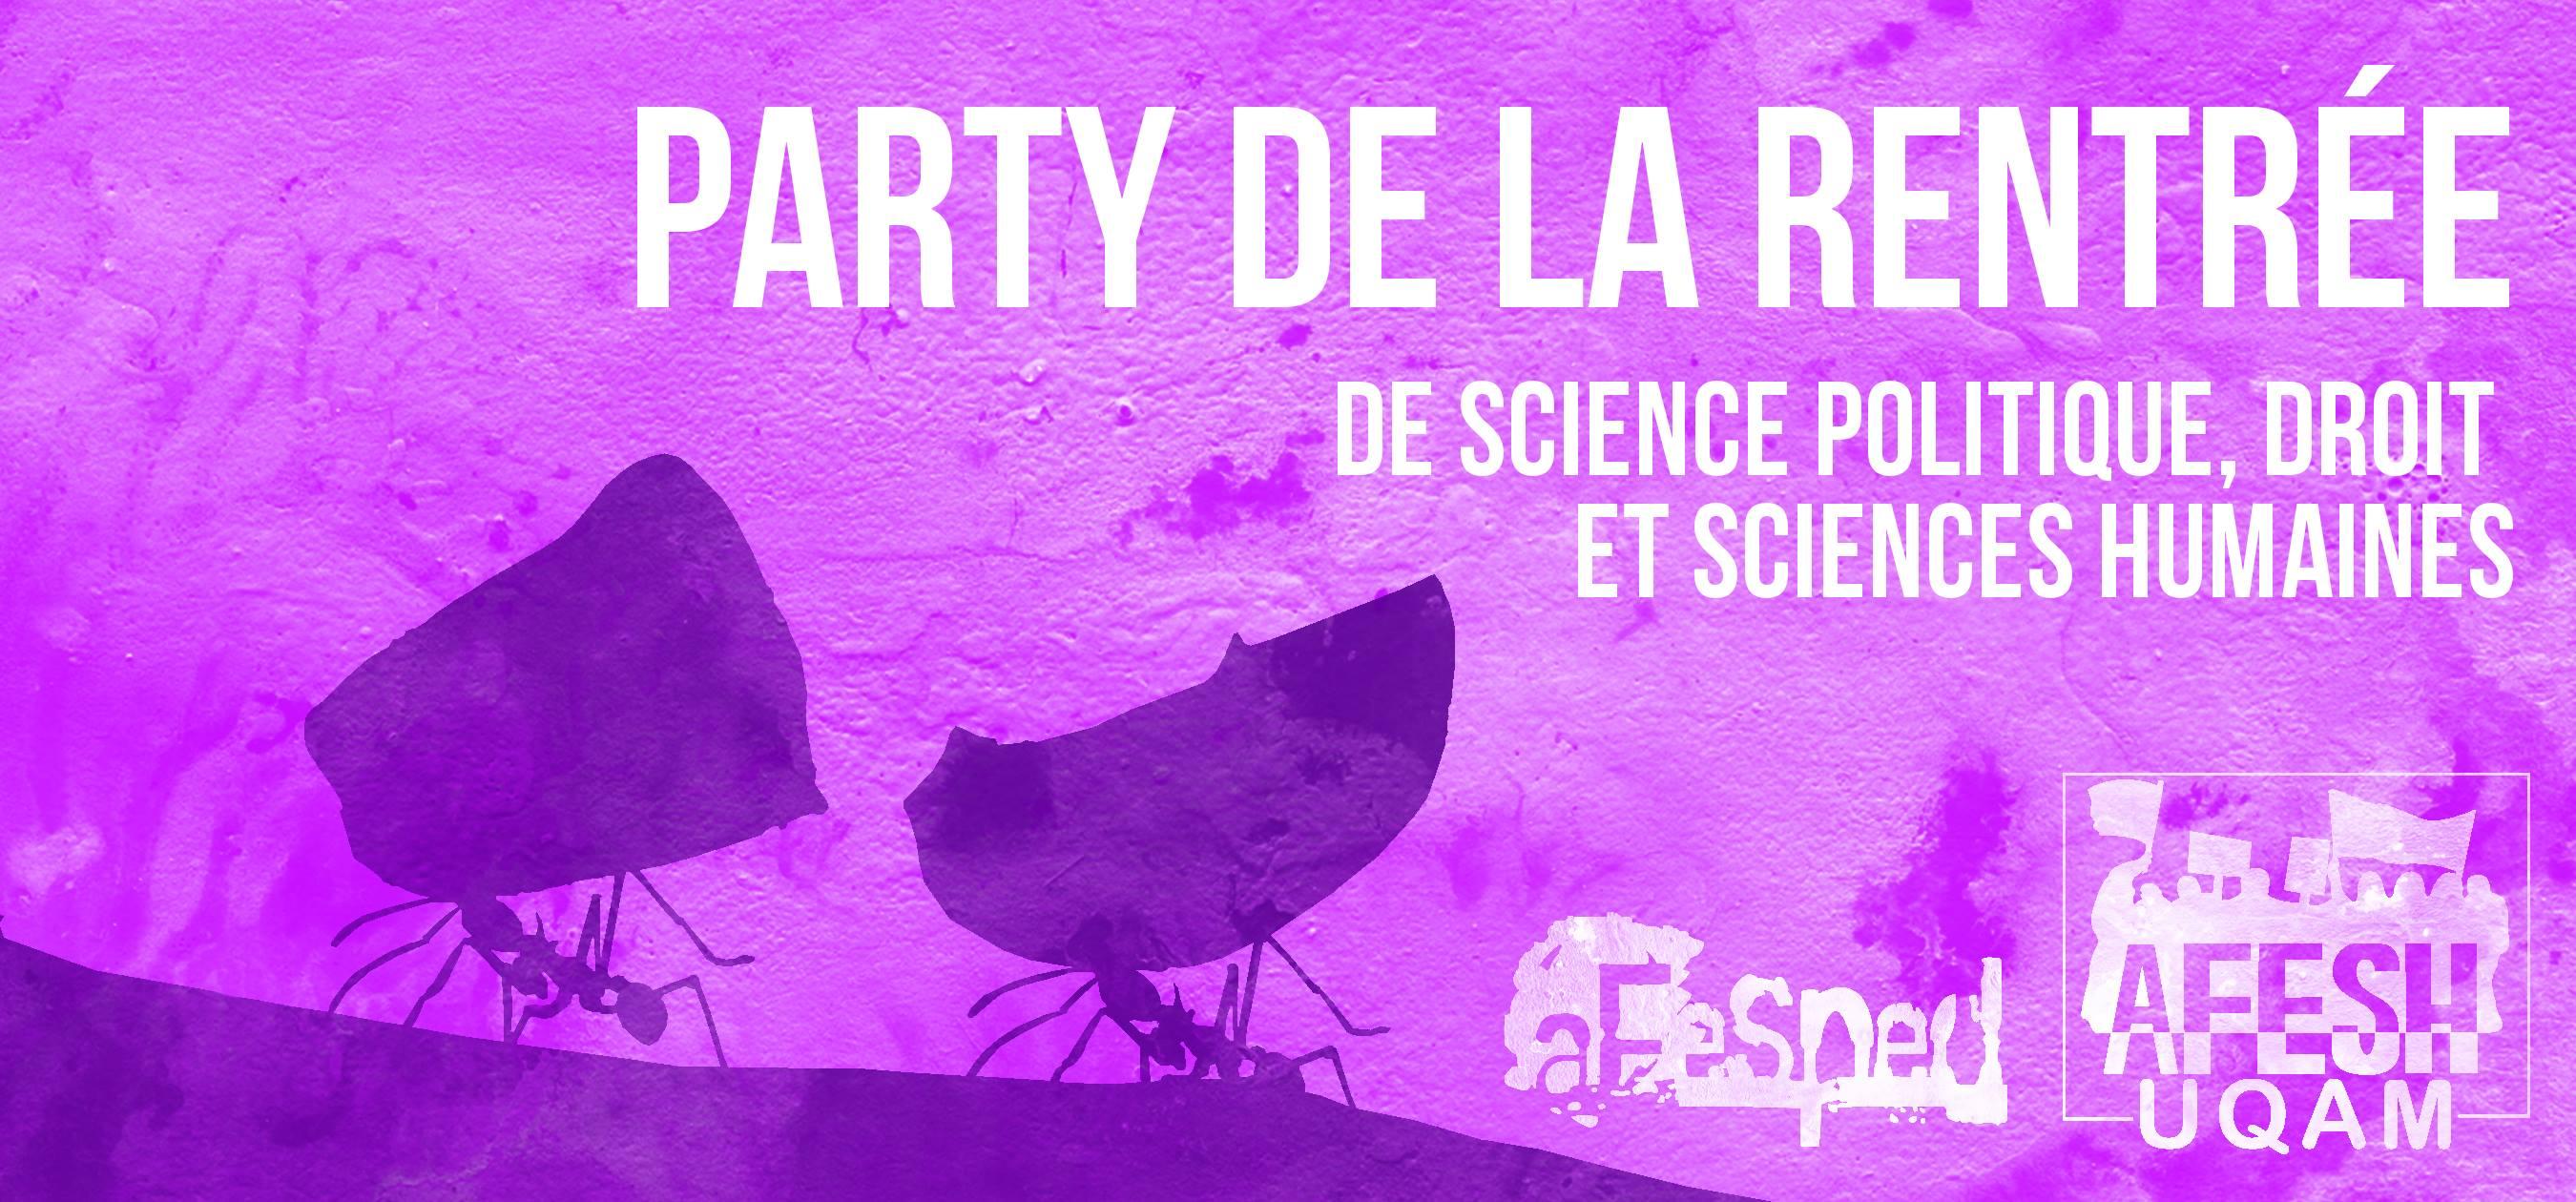 Party De La Rentrée!